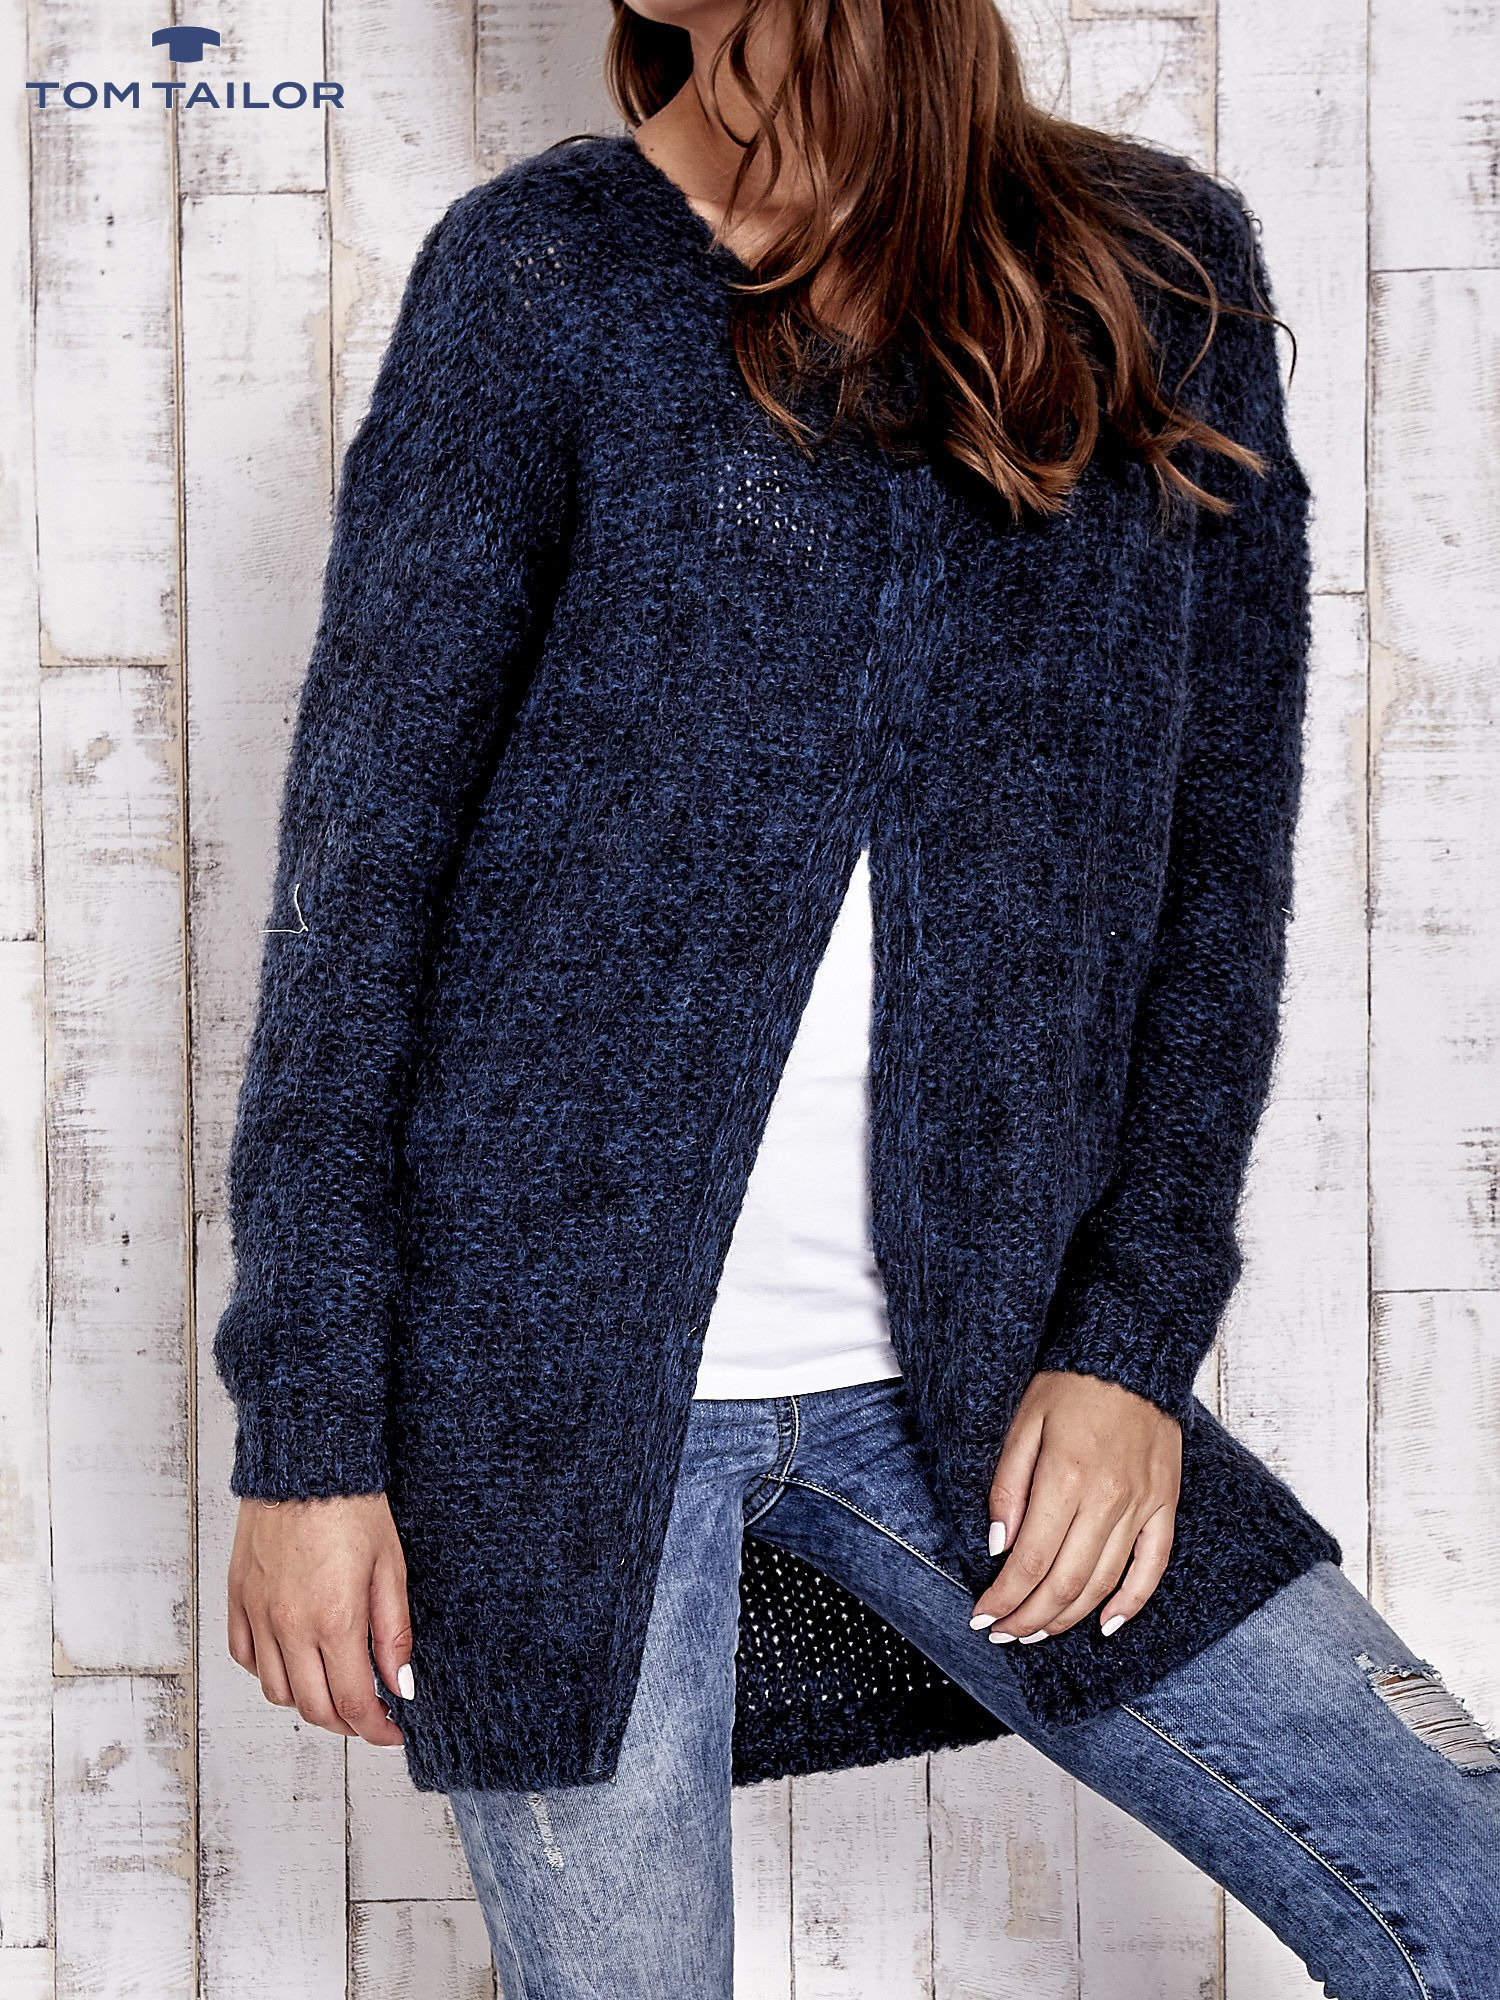 TOM TAILOR Granatowy melanżowy sweter z zapięciem na guziki                                  zdj.                                  6